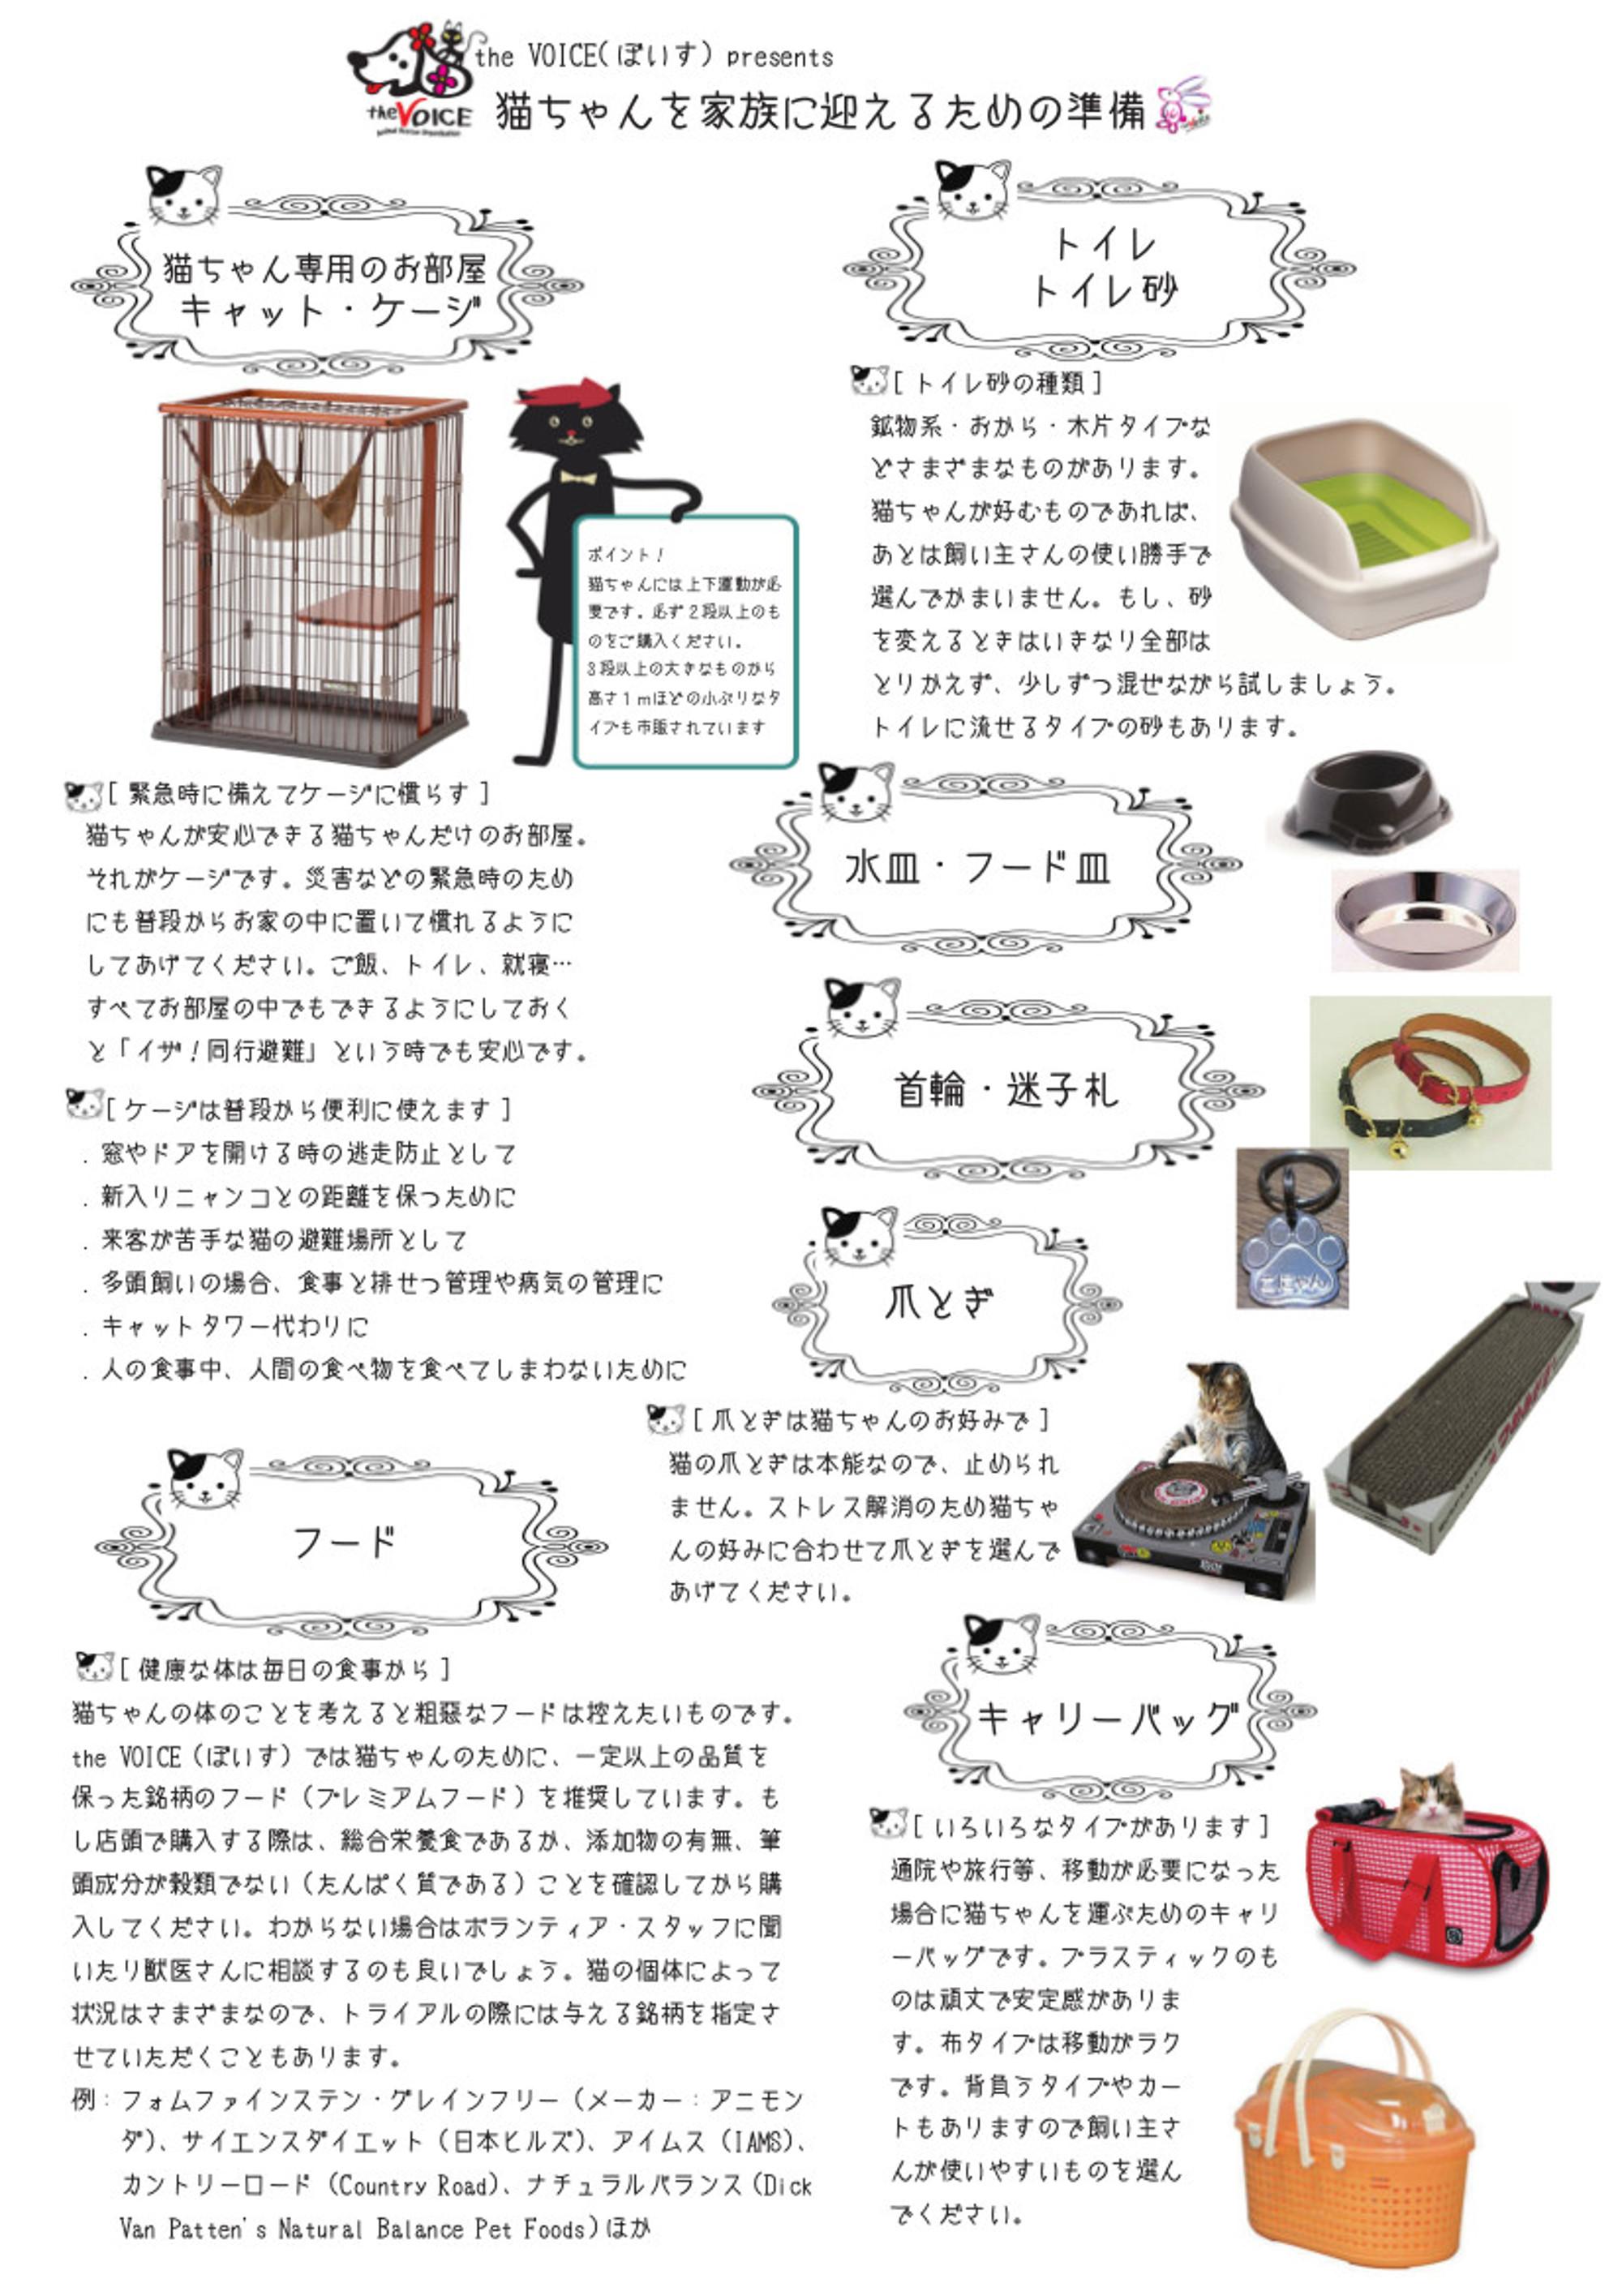 キャット・ケージ[緊急時に備えてケージに慣らす]トイレ砂 [ トイレ砂の種類]鉱物系・おから・木片タイプ水皿・フード皿 首輪・迷子札爪とぎ フード [ 健康な体は毎日の食事から] フォムファインステン・グレインフリー(メーカー:アニモンダ)、サイエンスダイエット(日本ヒルズ)、アイムス(IAMS)、<br /><br />   カントリーロード(Country Road)、ナチュラルバランス キャリーバッグ